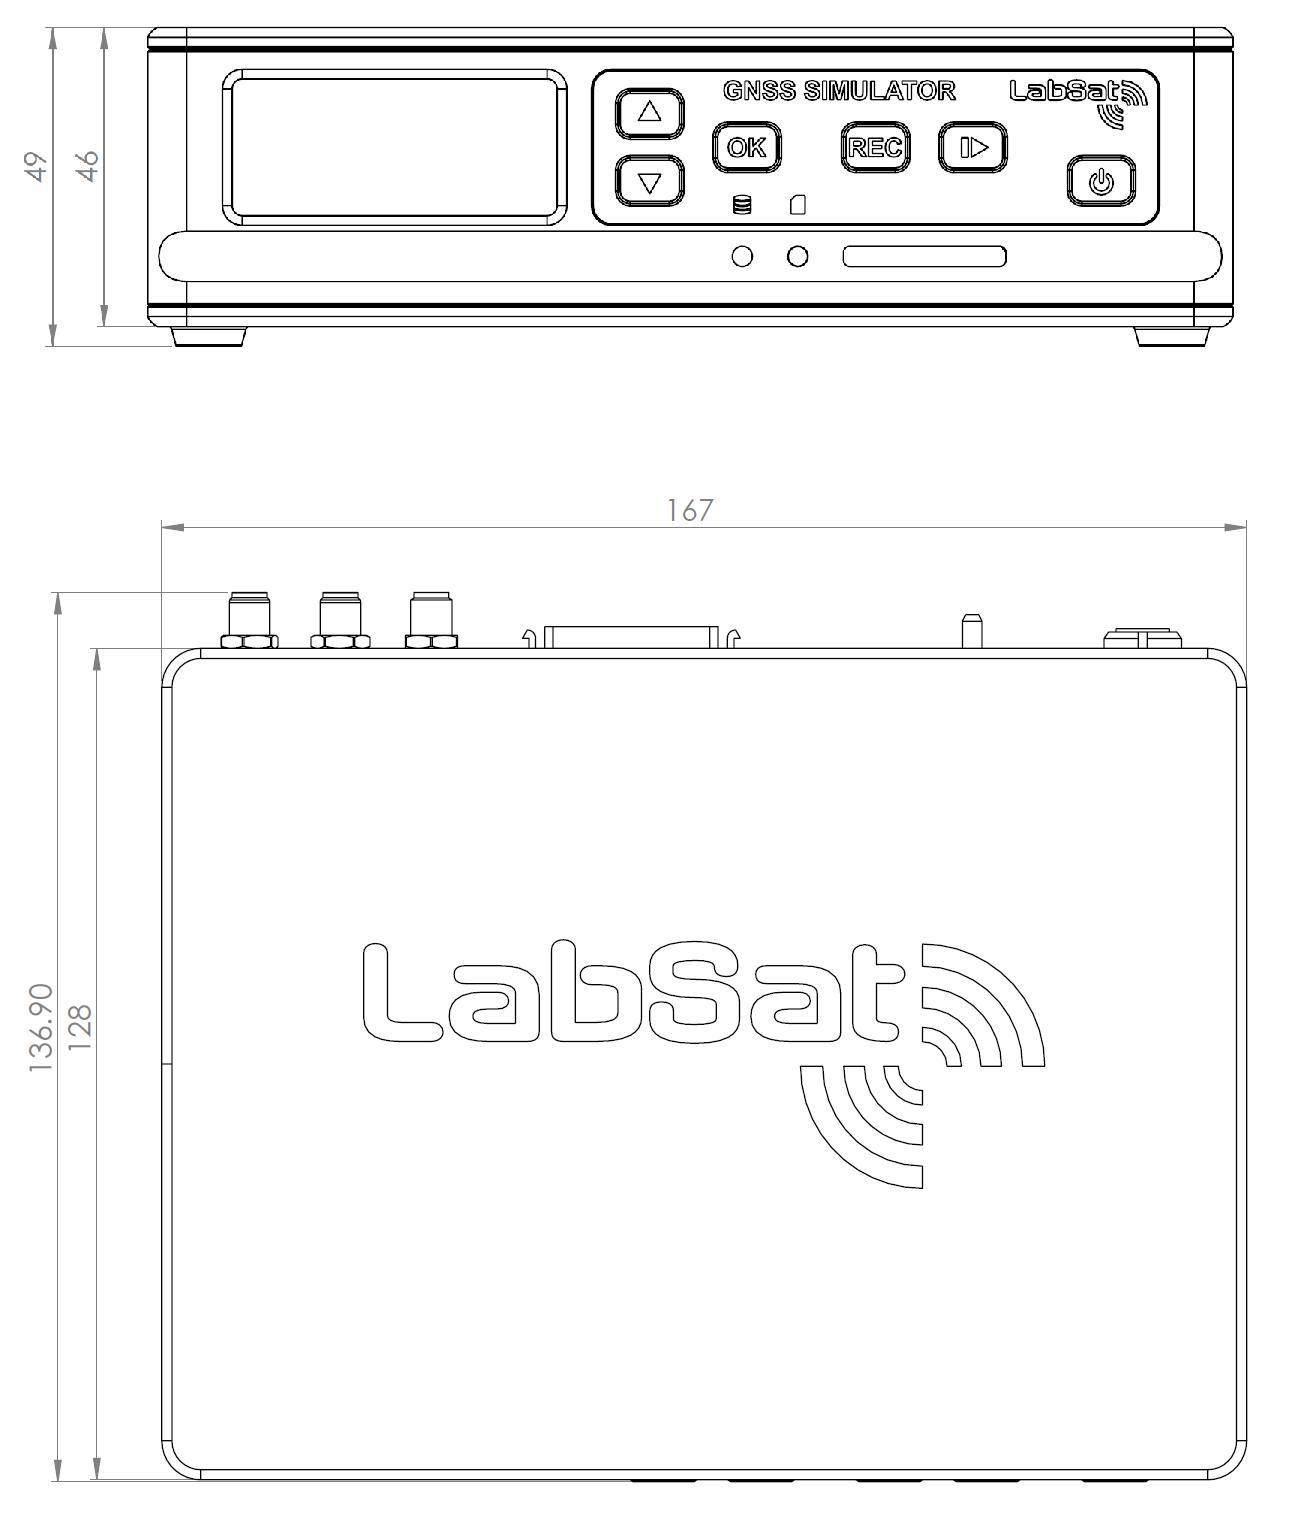 Wideband全频点北斗信号模拟器